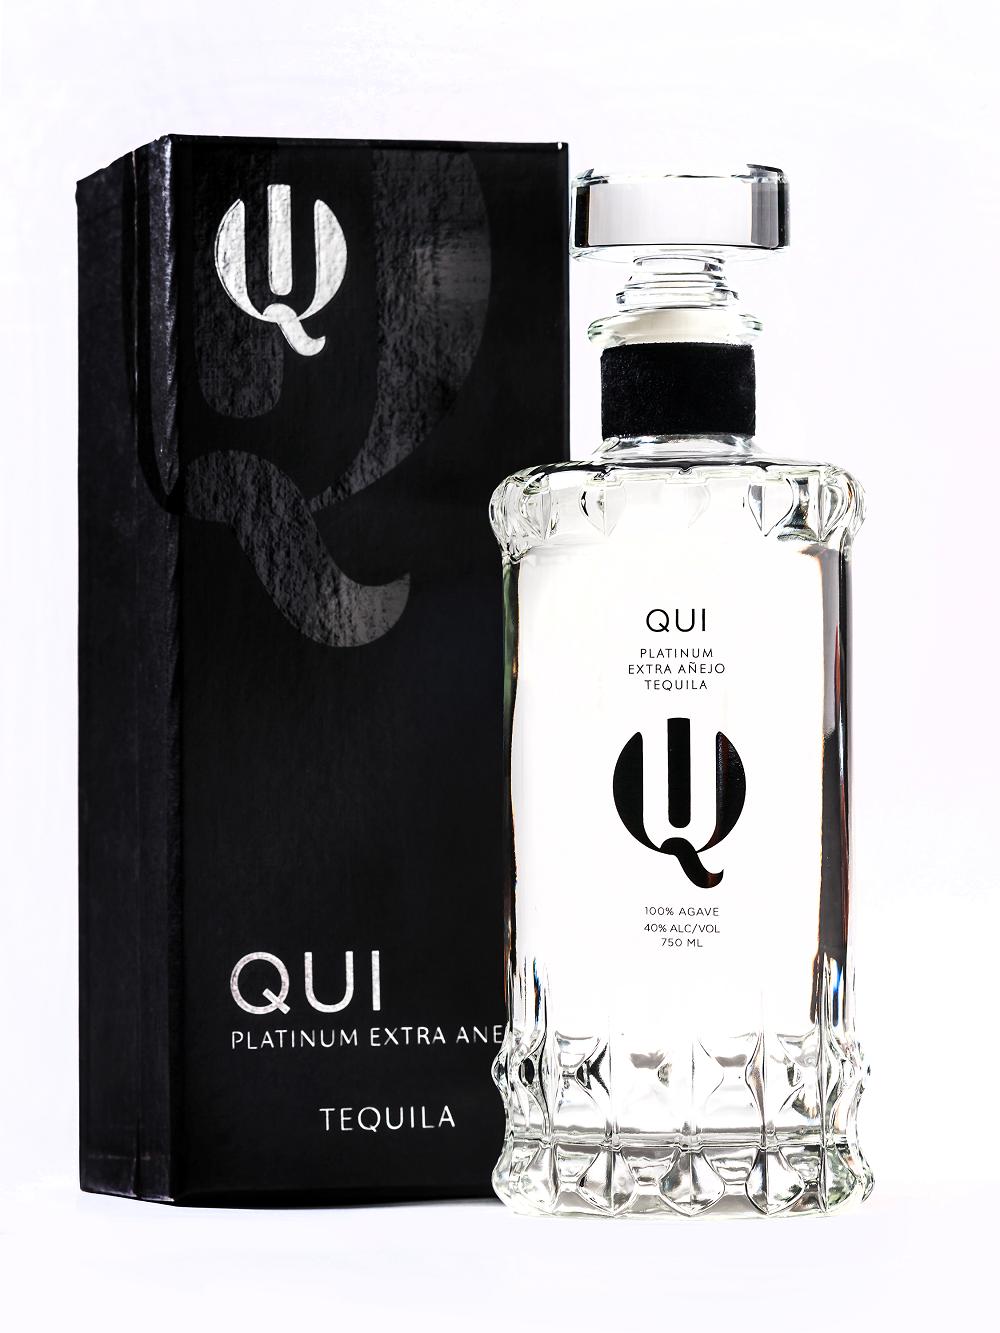 Qui Platinum Extra Anejo Tequila